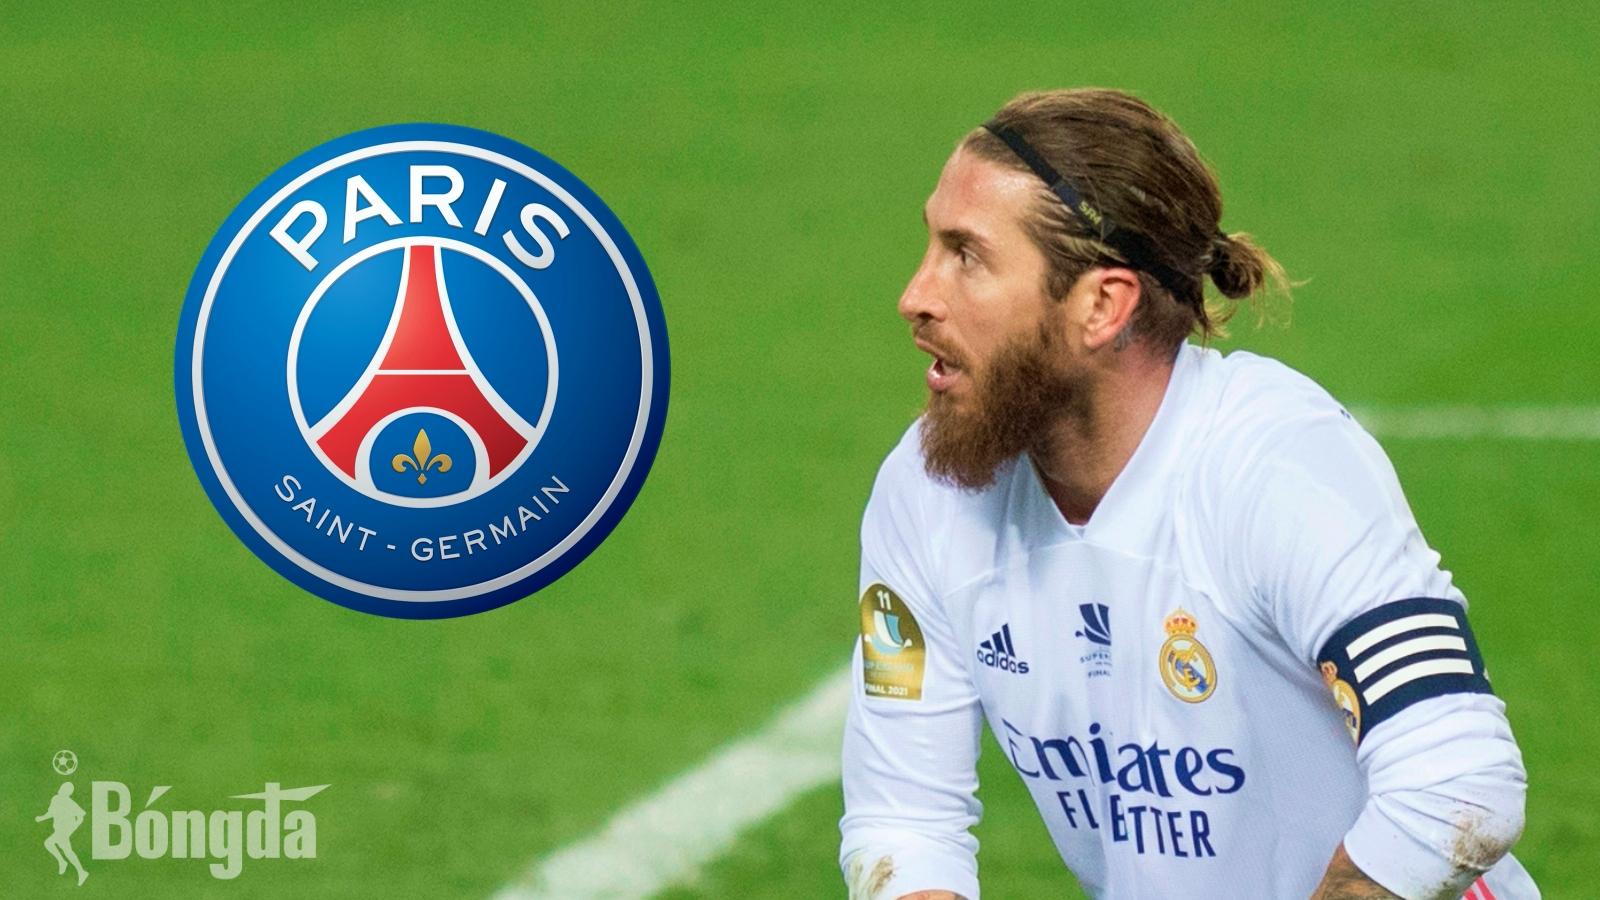 Tin HOT 2/7: Sergio Ramos chê Bayern Munich và Manchester City, chuẩn bị khoác áo Paris Saint-Germain